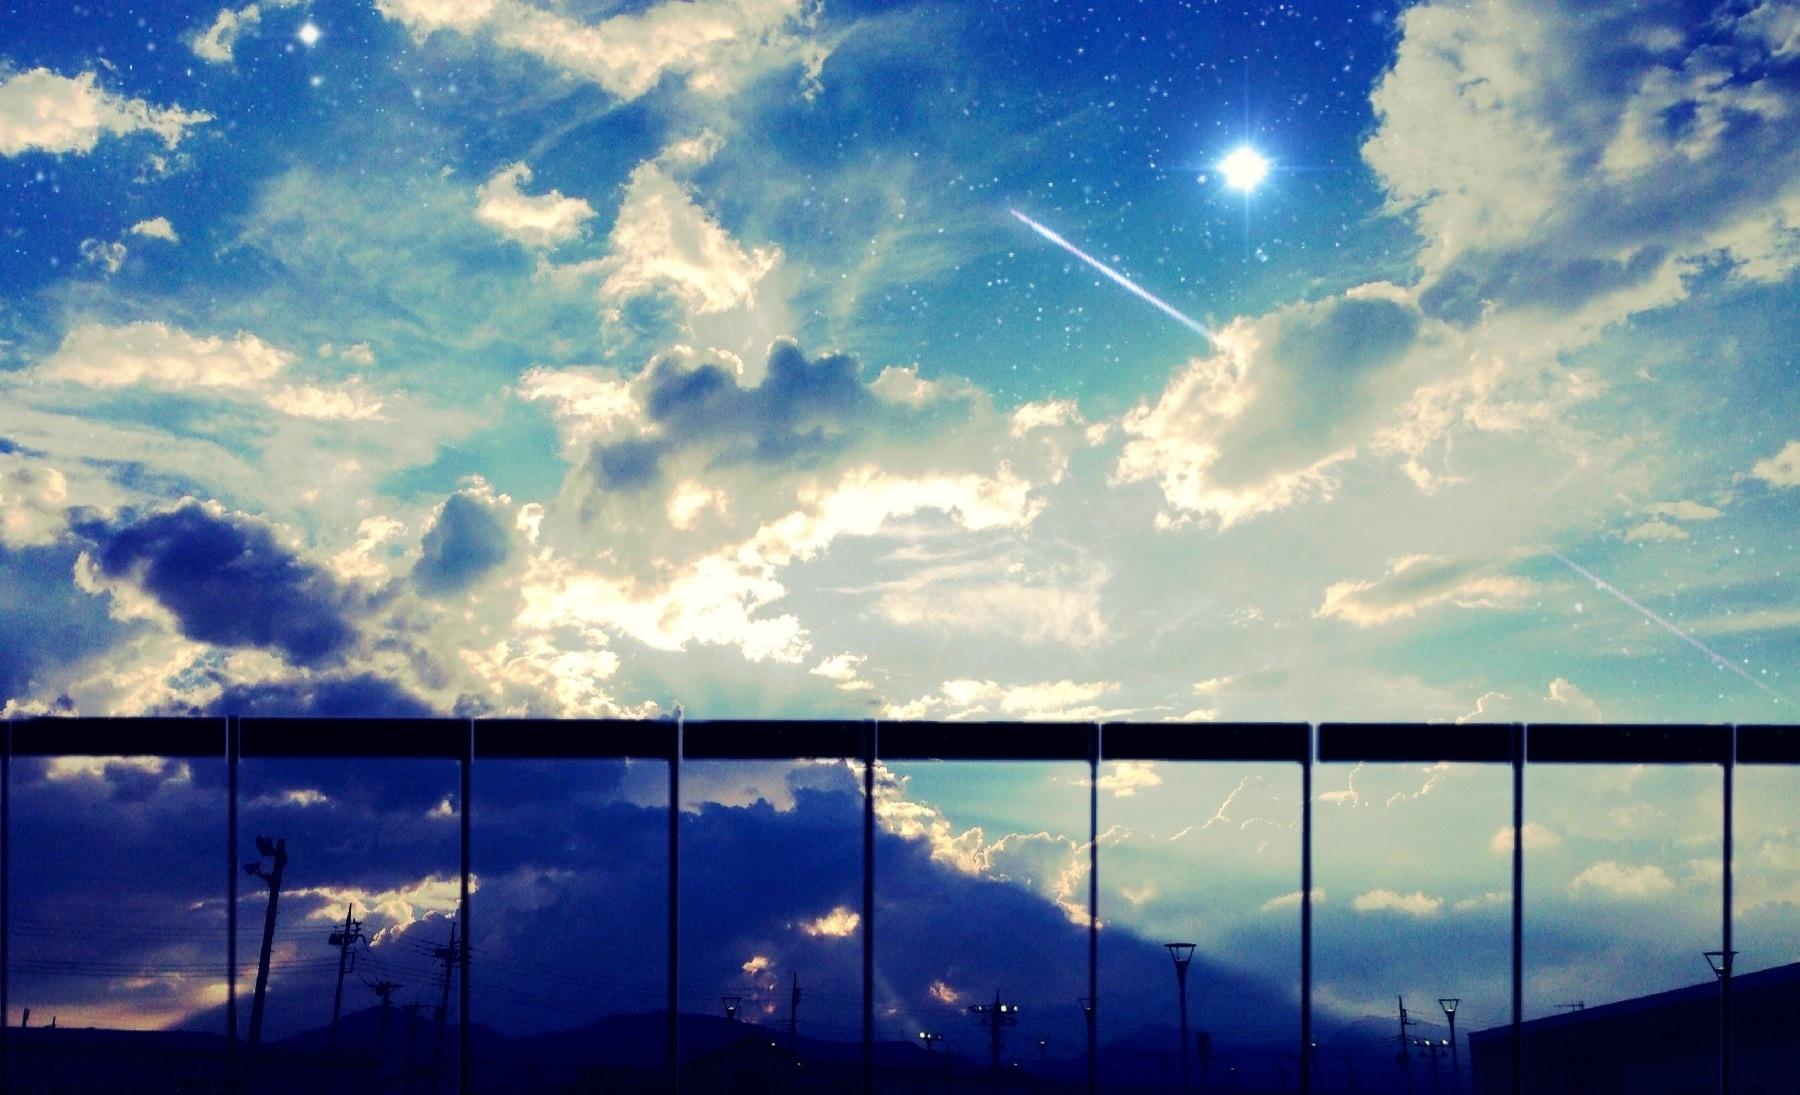 天空与云 美爆的天空插画壁纸 还不快戳进来(2)_萌化资源_动漫资源_acg资源-萌娘资源站